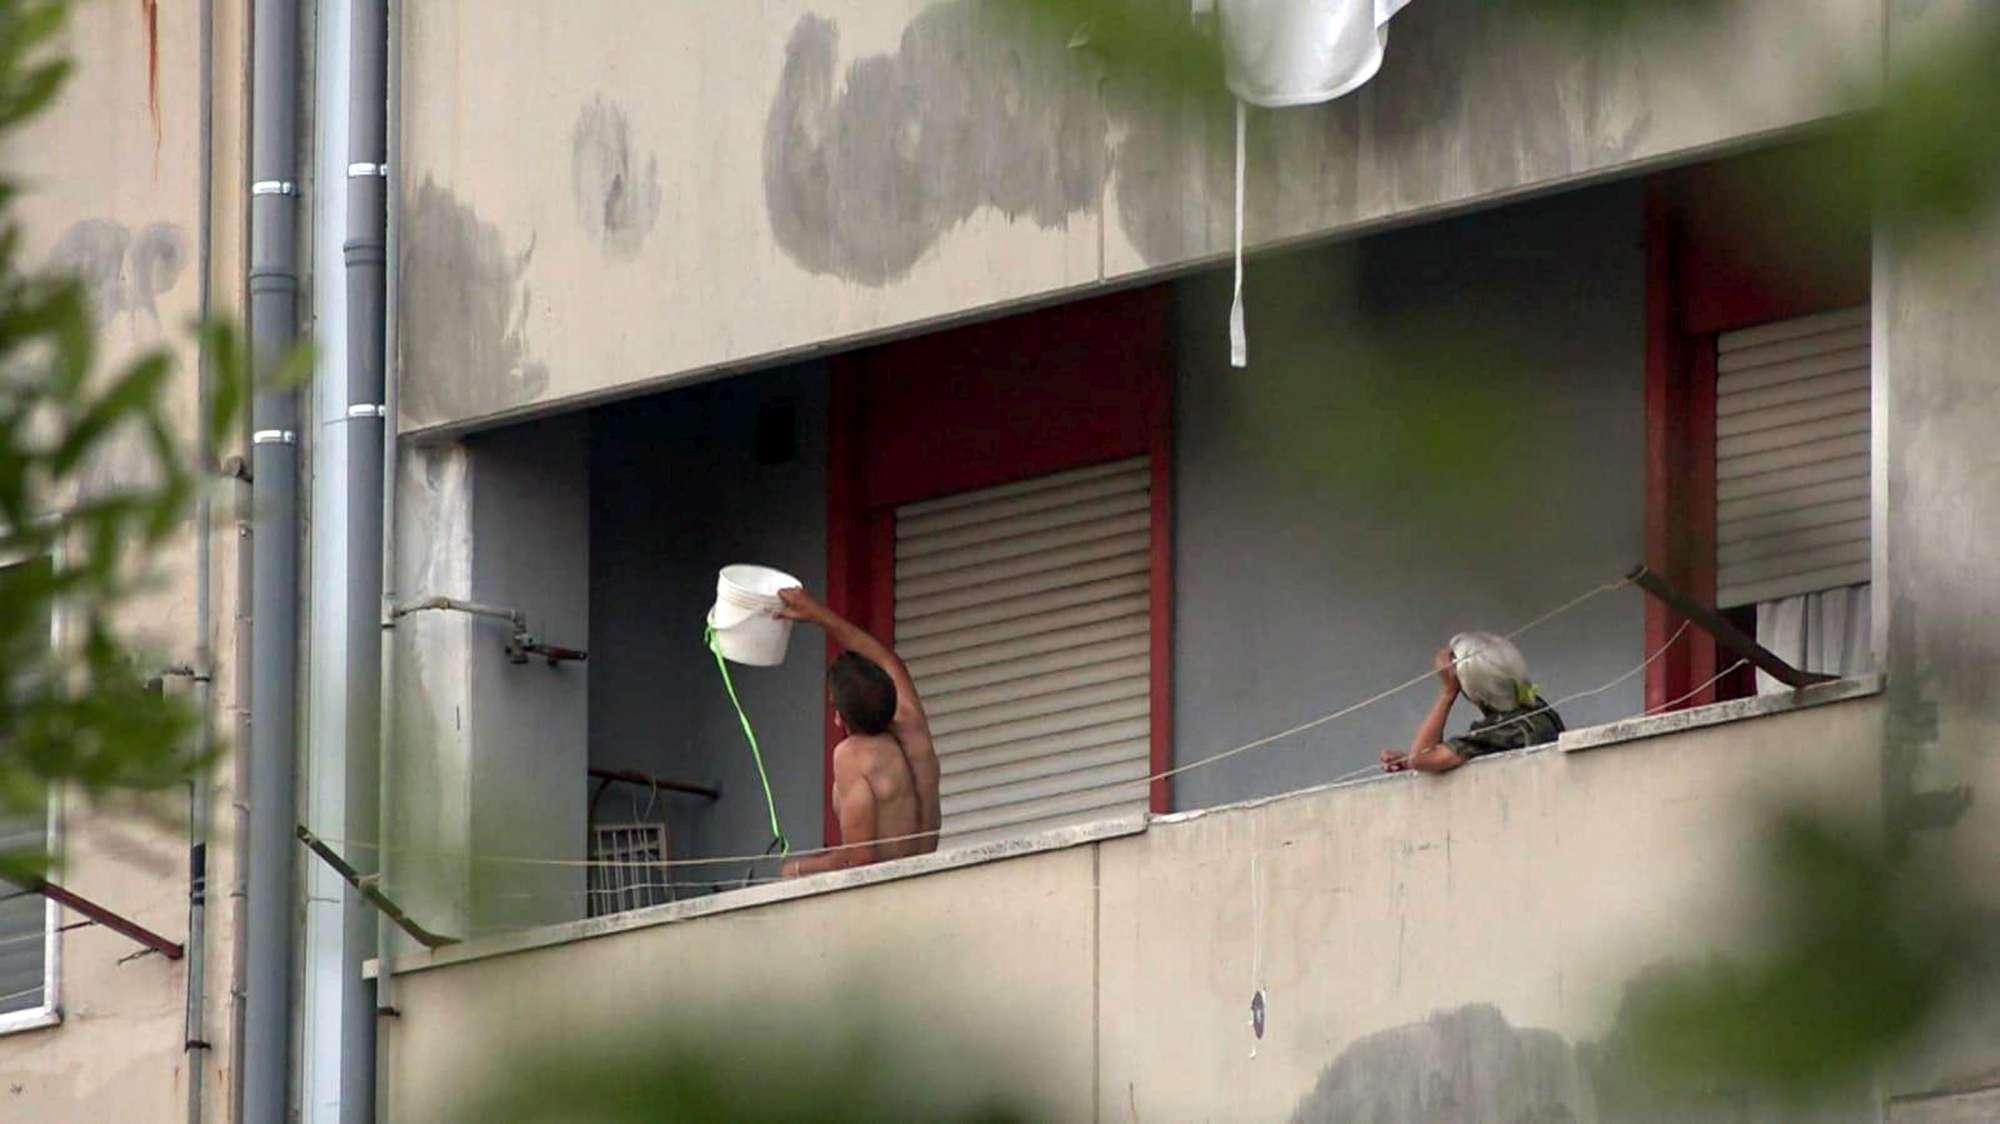 Pozzuoli: blitz dei carabinieri, bloccato l'uomo barricato in casa con bombole del gas